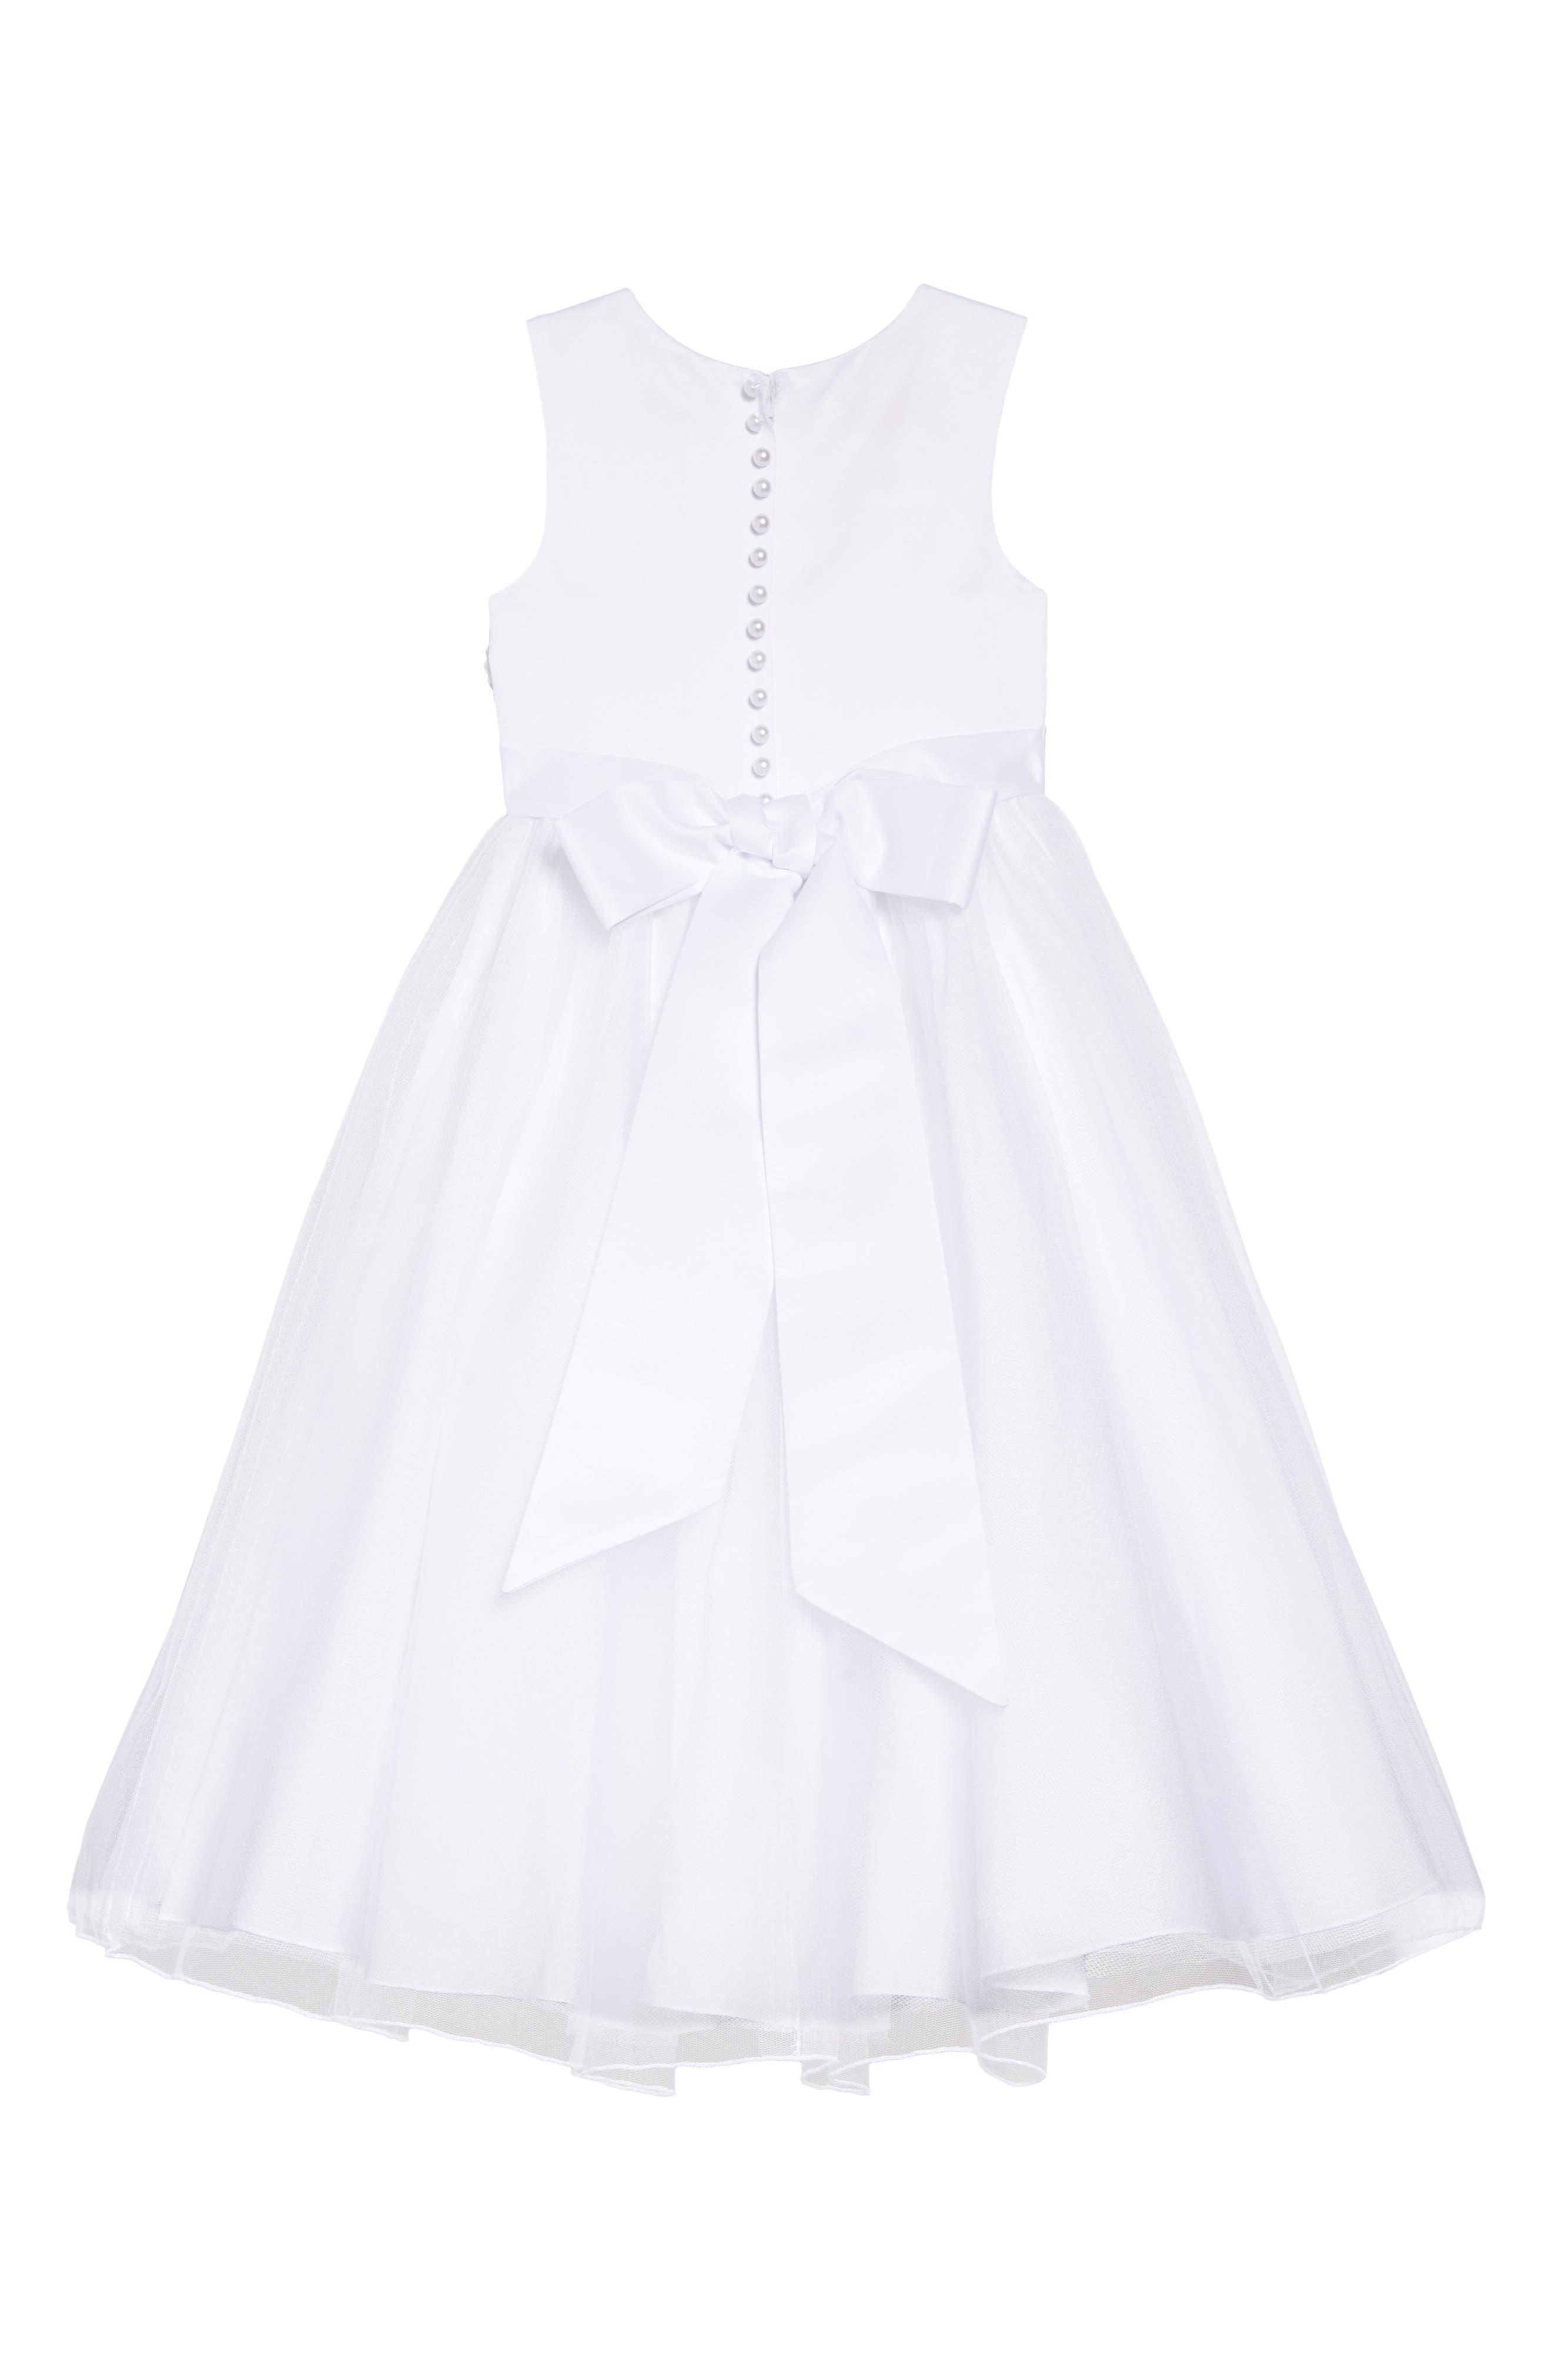 LAUREN MARIE, Imitation Pearl Tulle Dress, Alternate thumbnail 4, color, WHITE